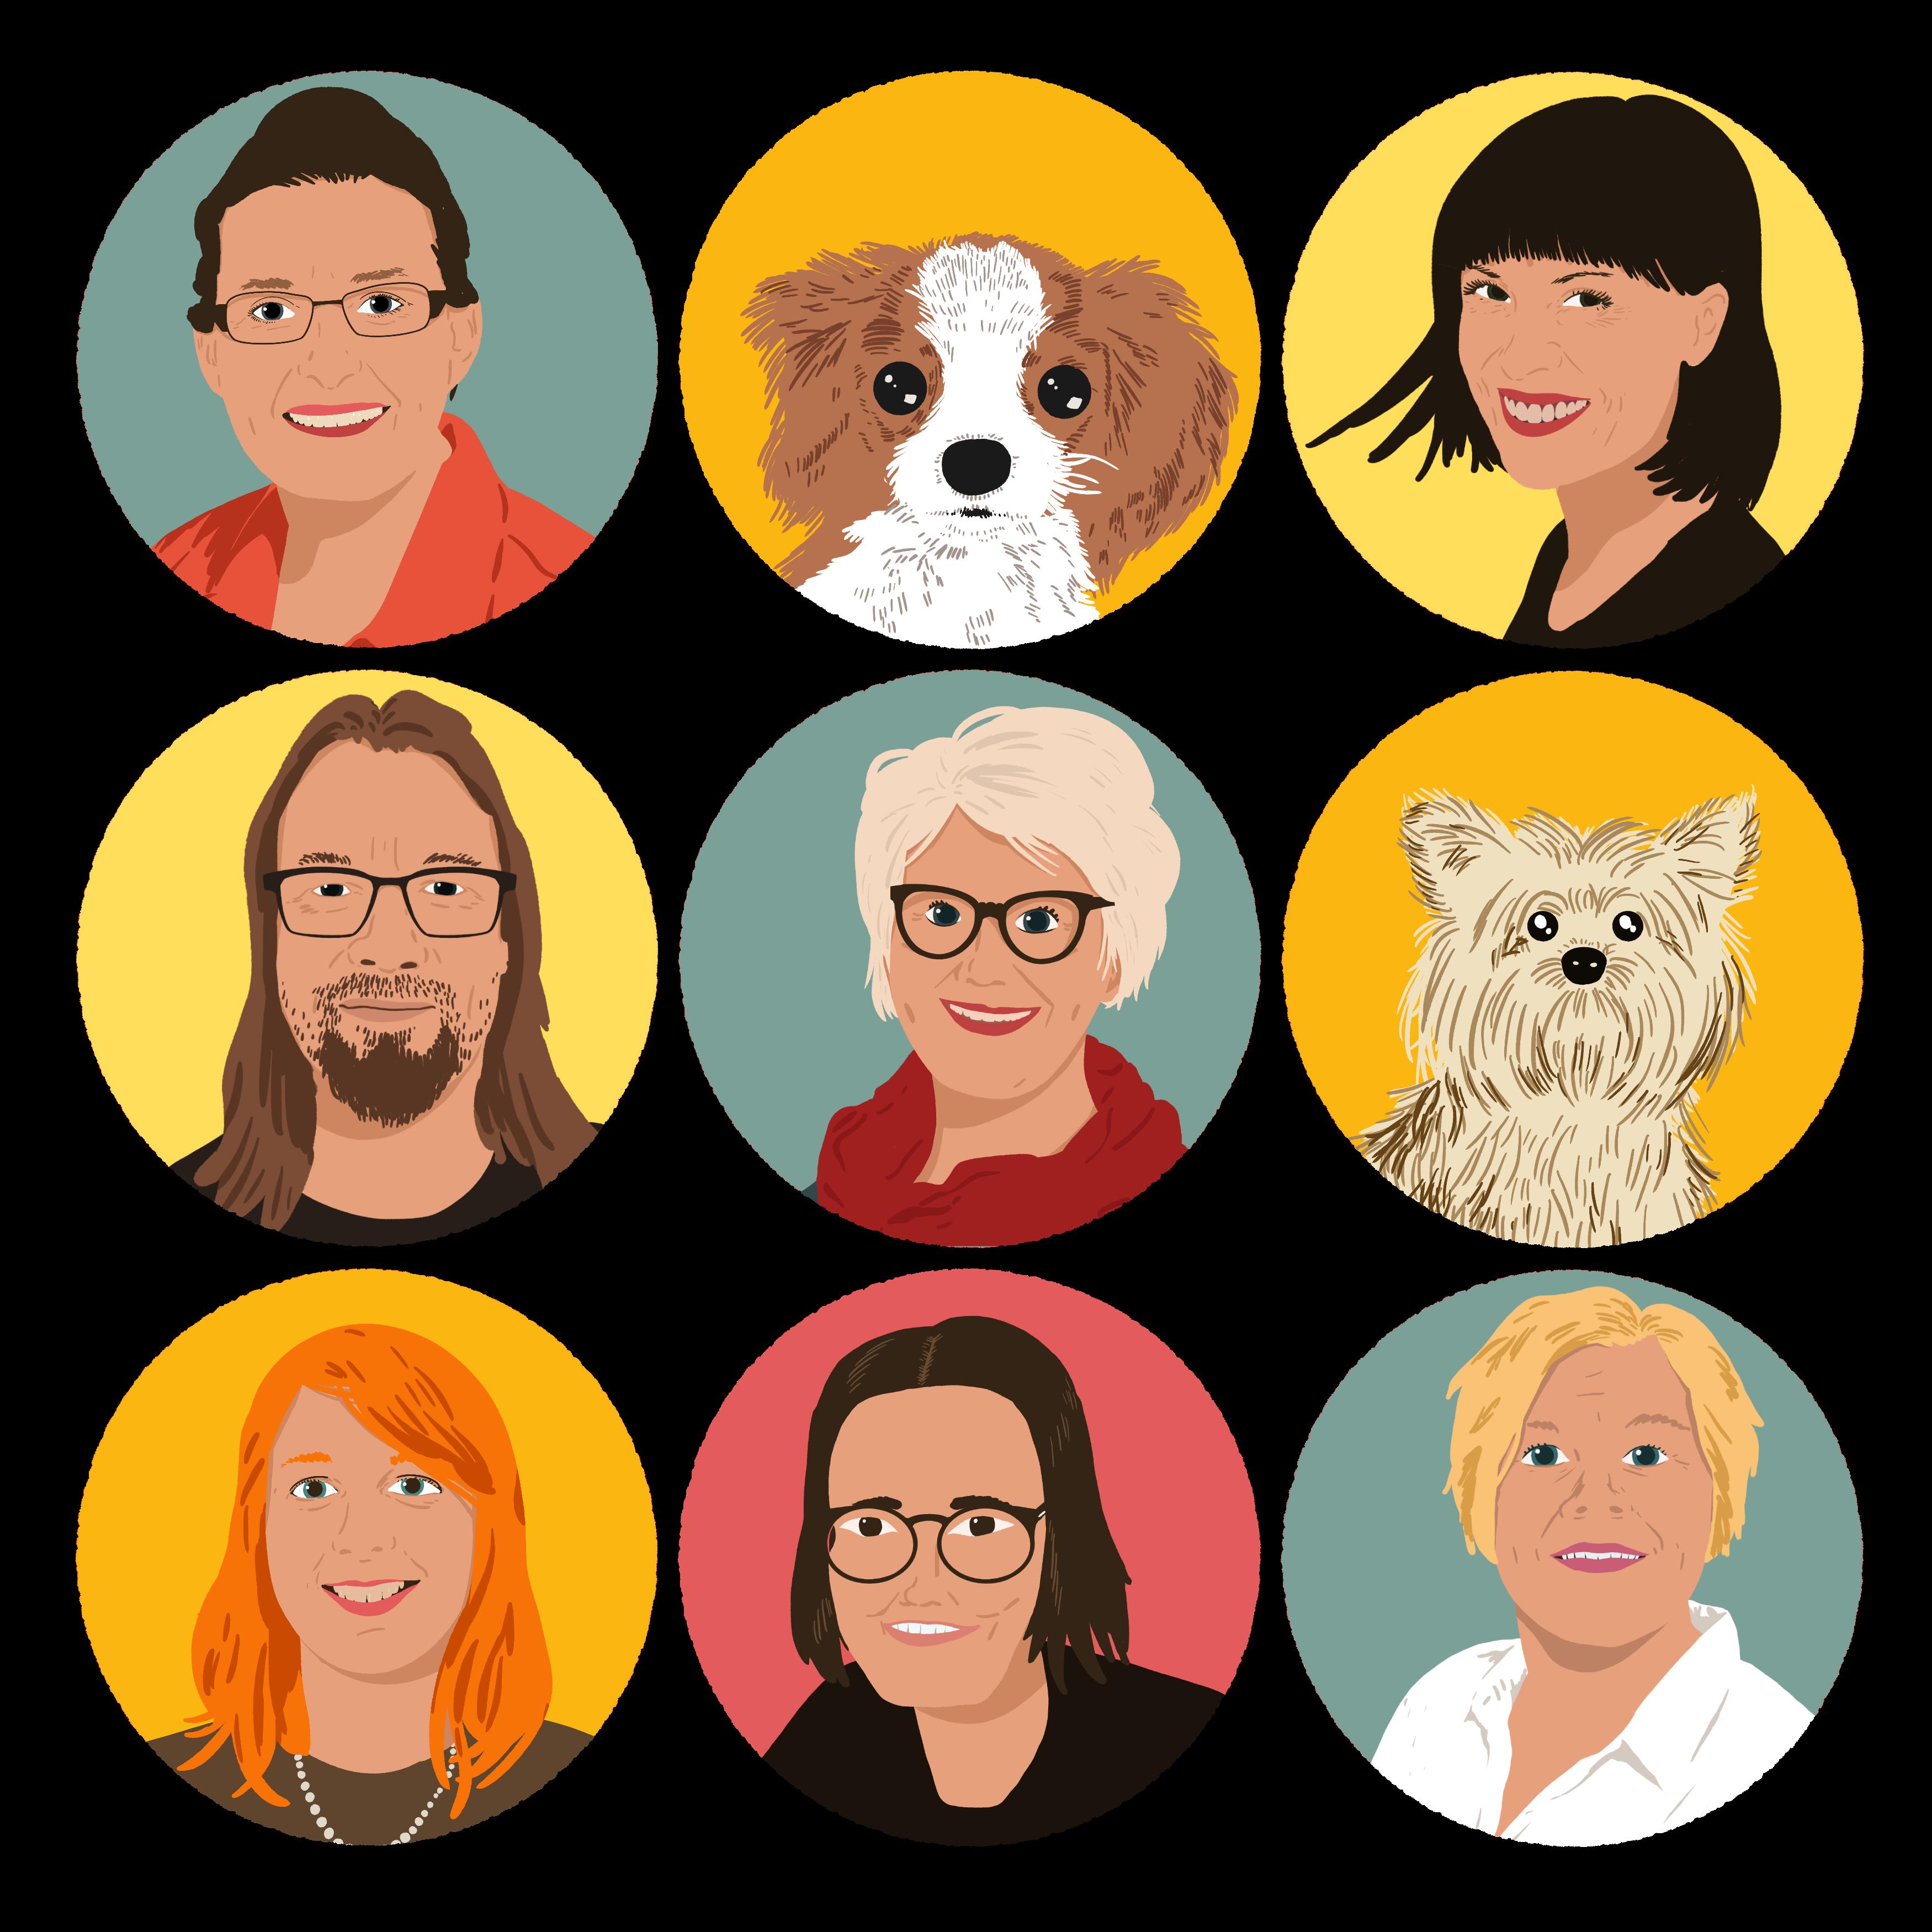 Grupifoto, illustratsioon, kus on kujutatud uurimisrühma liikmed